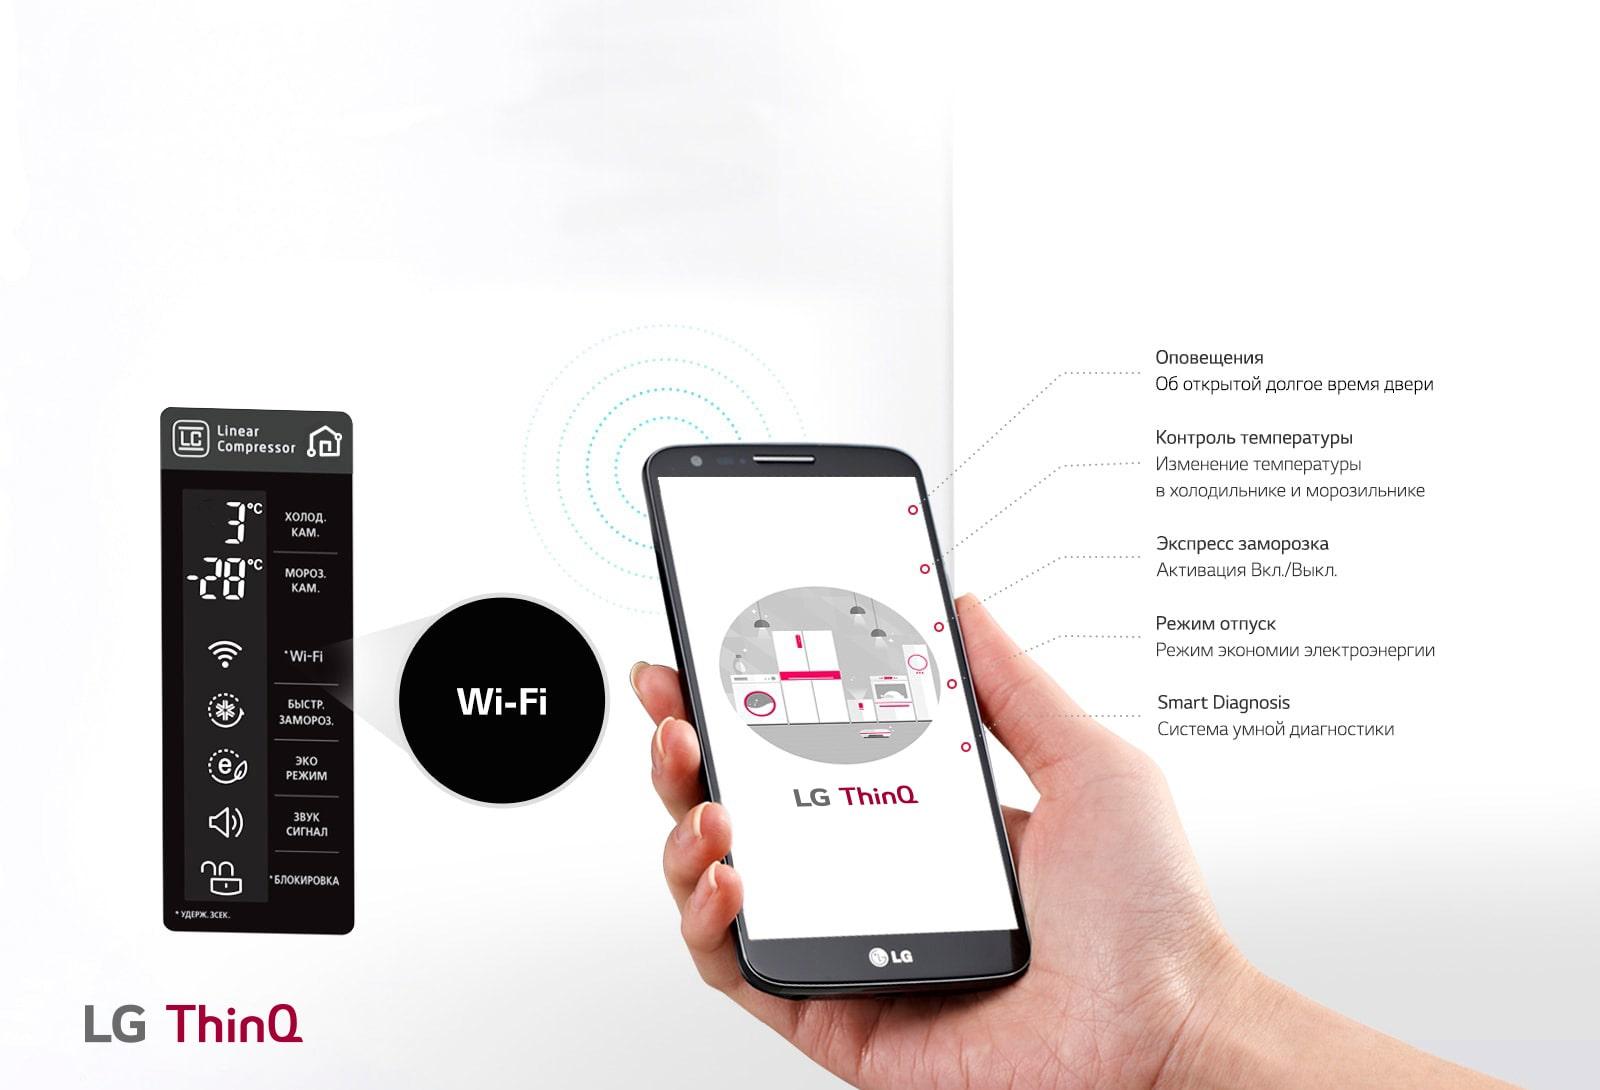 M01A_Wi-Fi_GA-B389S(Q,E,M)QZ)_D_02